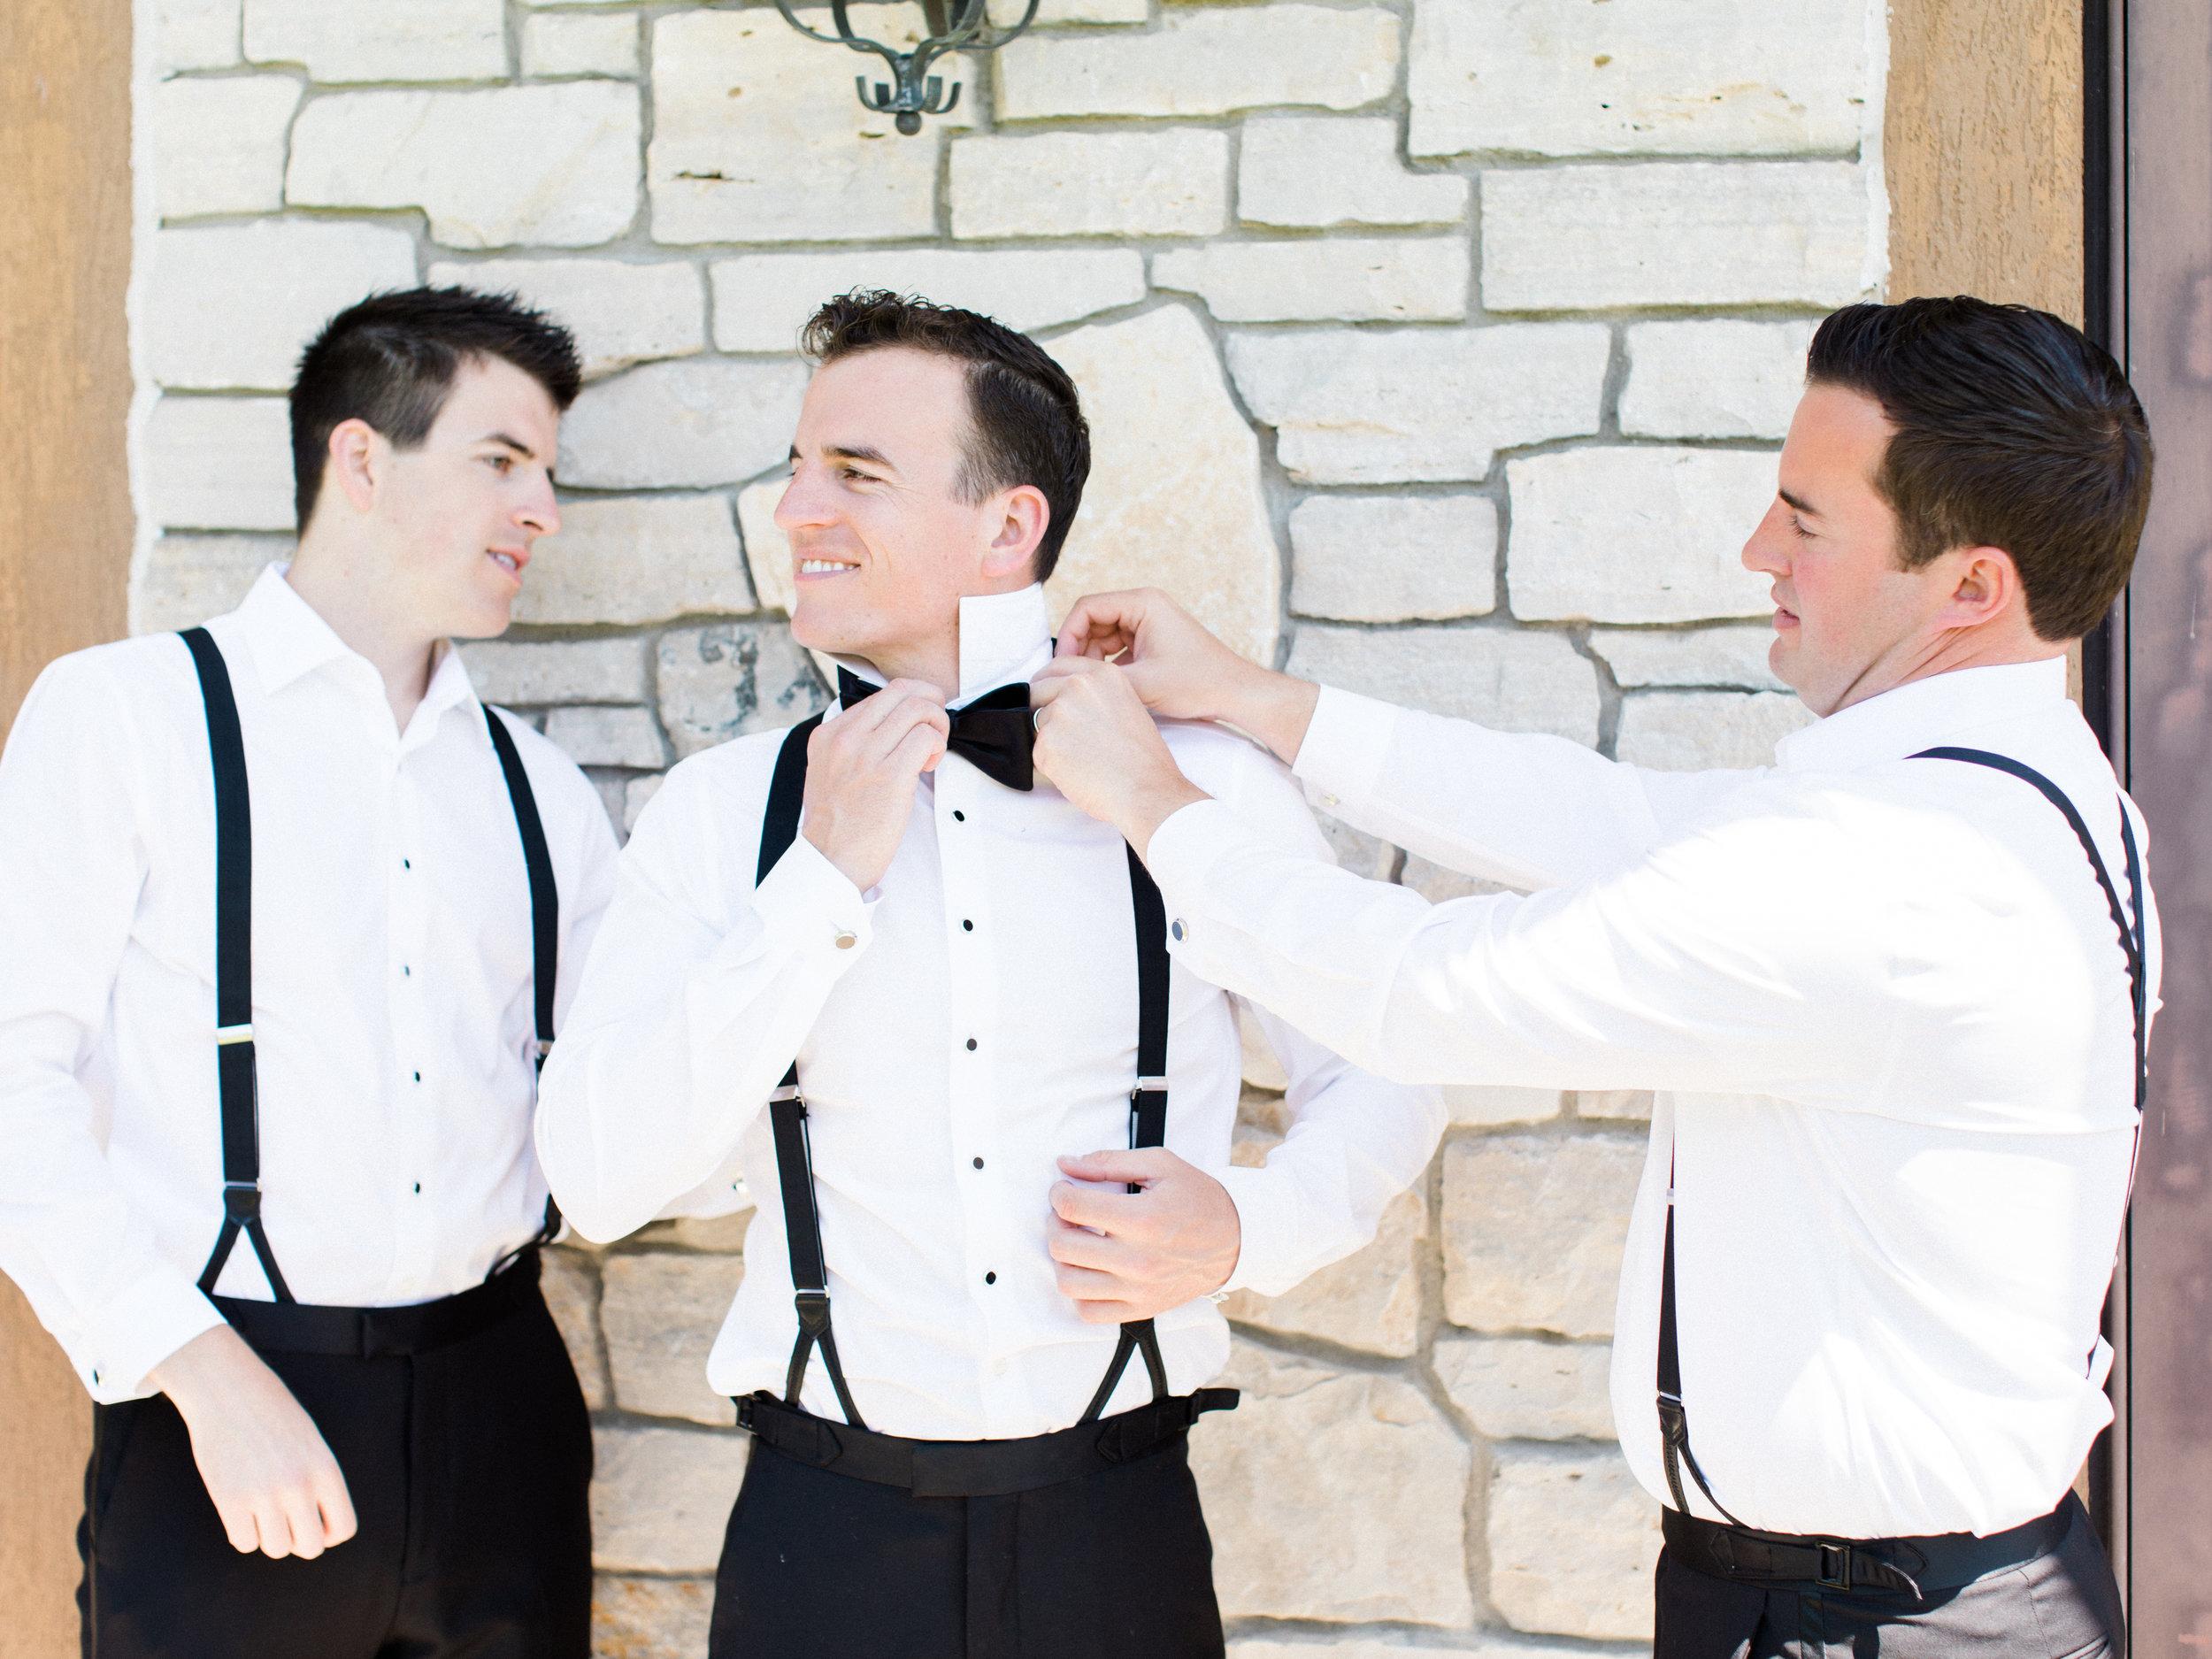 Deguilio+Wedding+Guys+getting+ready-29.jpg